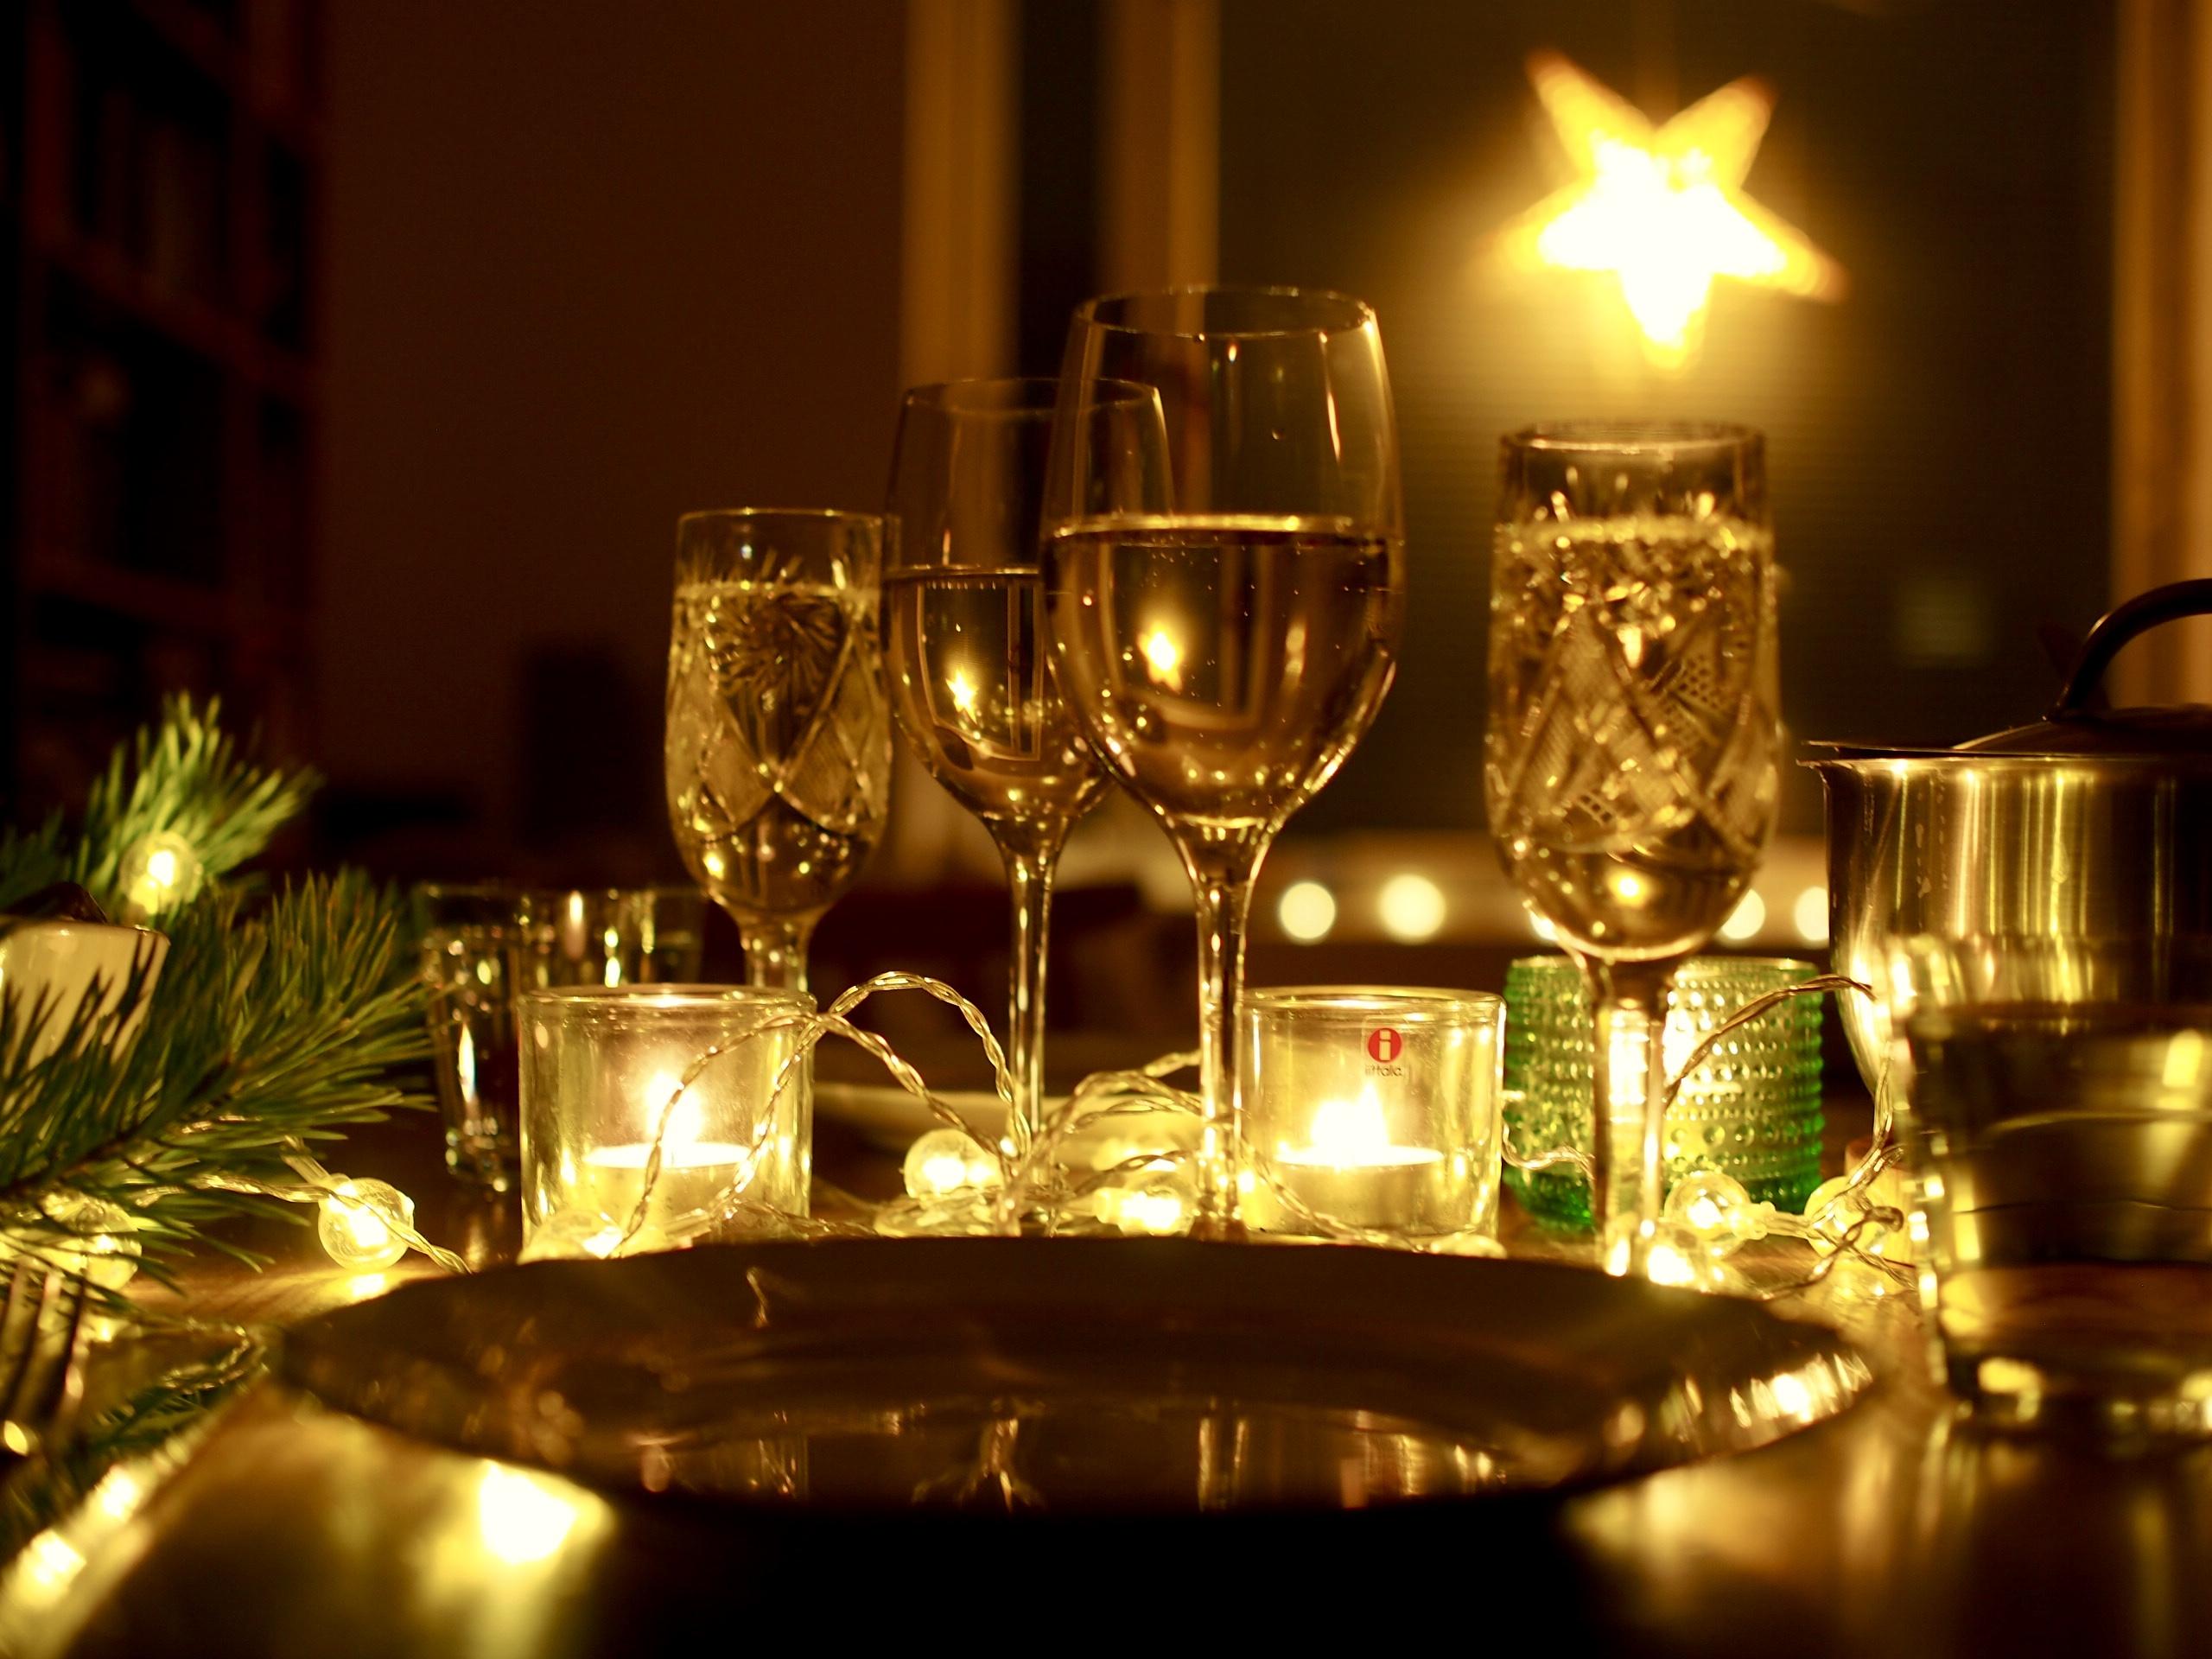 viinit lasissa